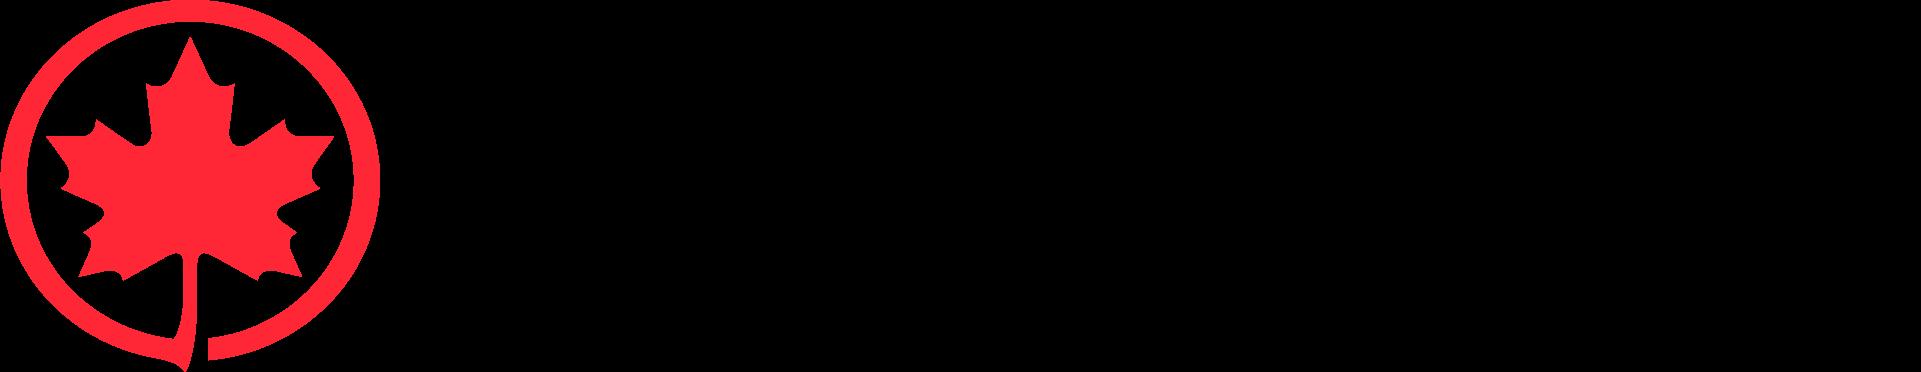 7c8d7d856d91 All-Inclusive